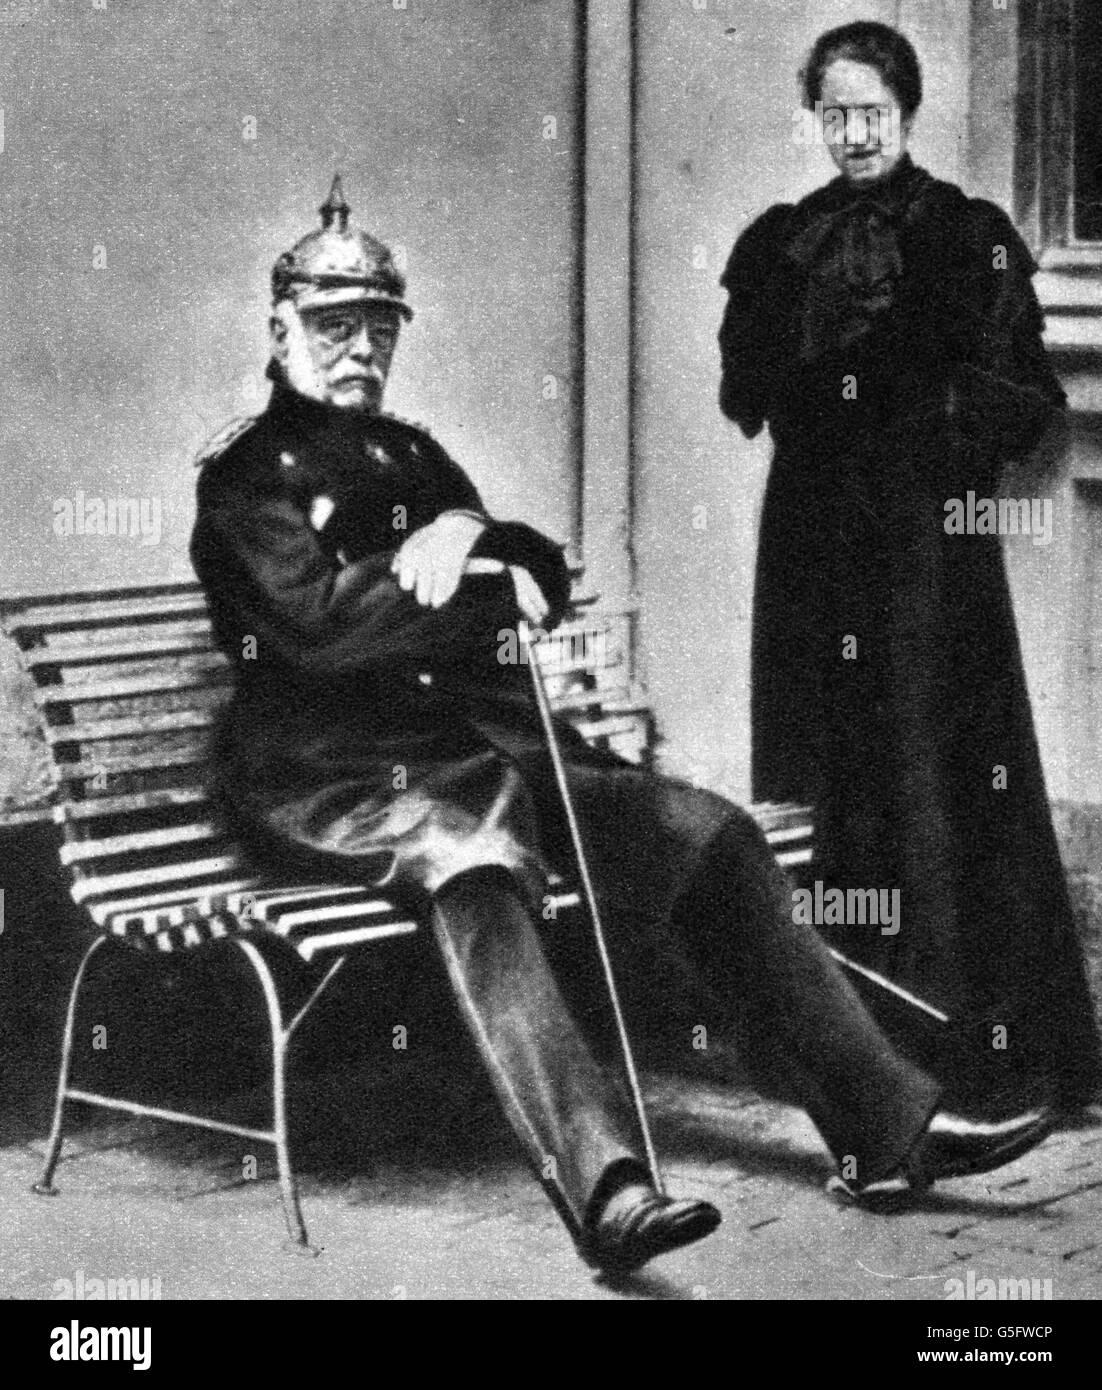 Otto von Bismarck with his daughter in law Marguerite von